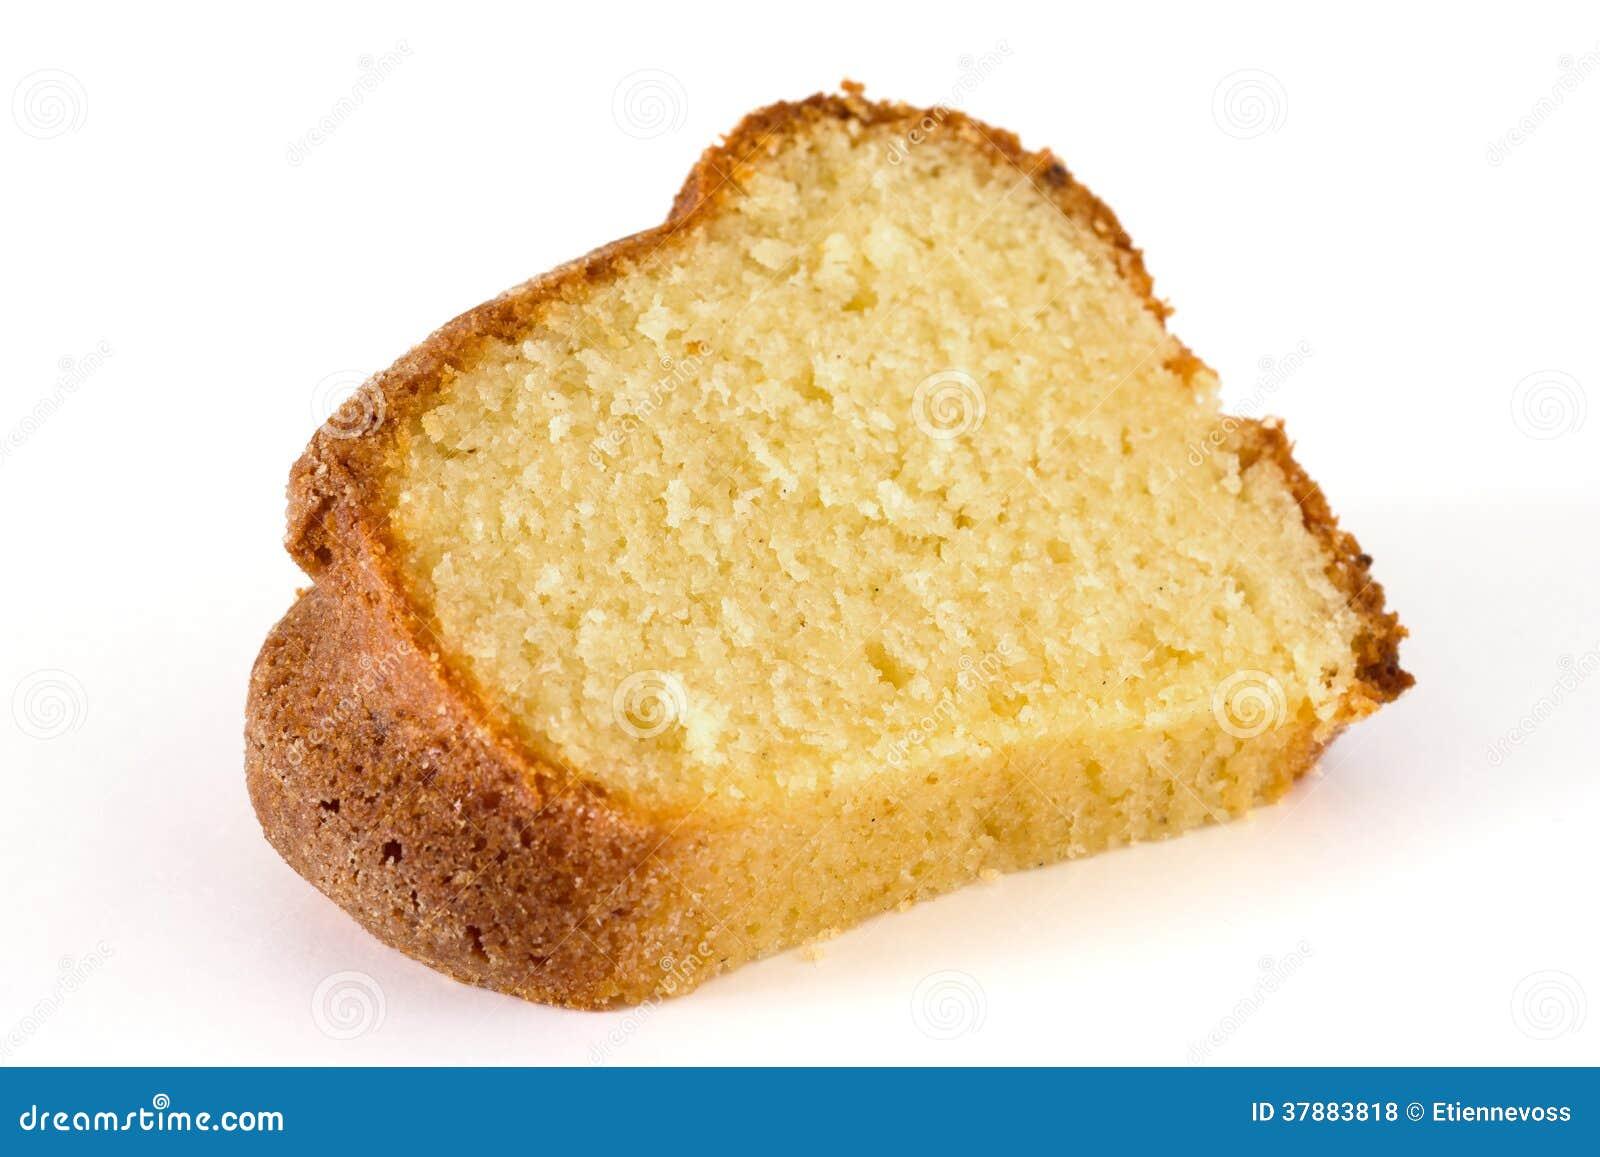 Spons, van madera of van het pond cake